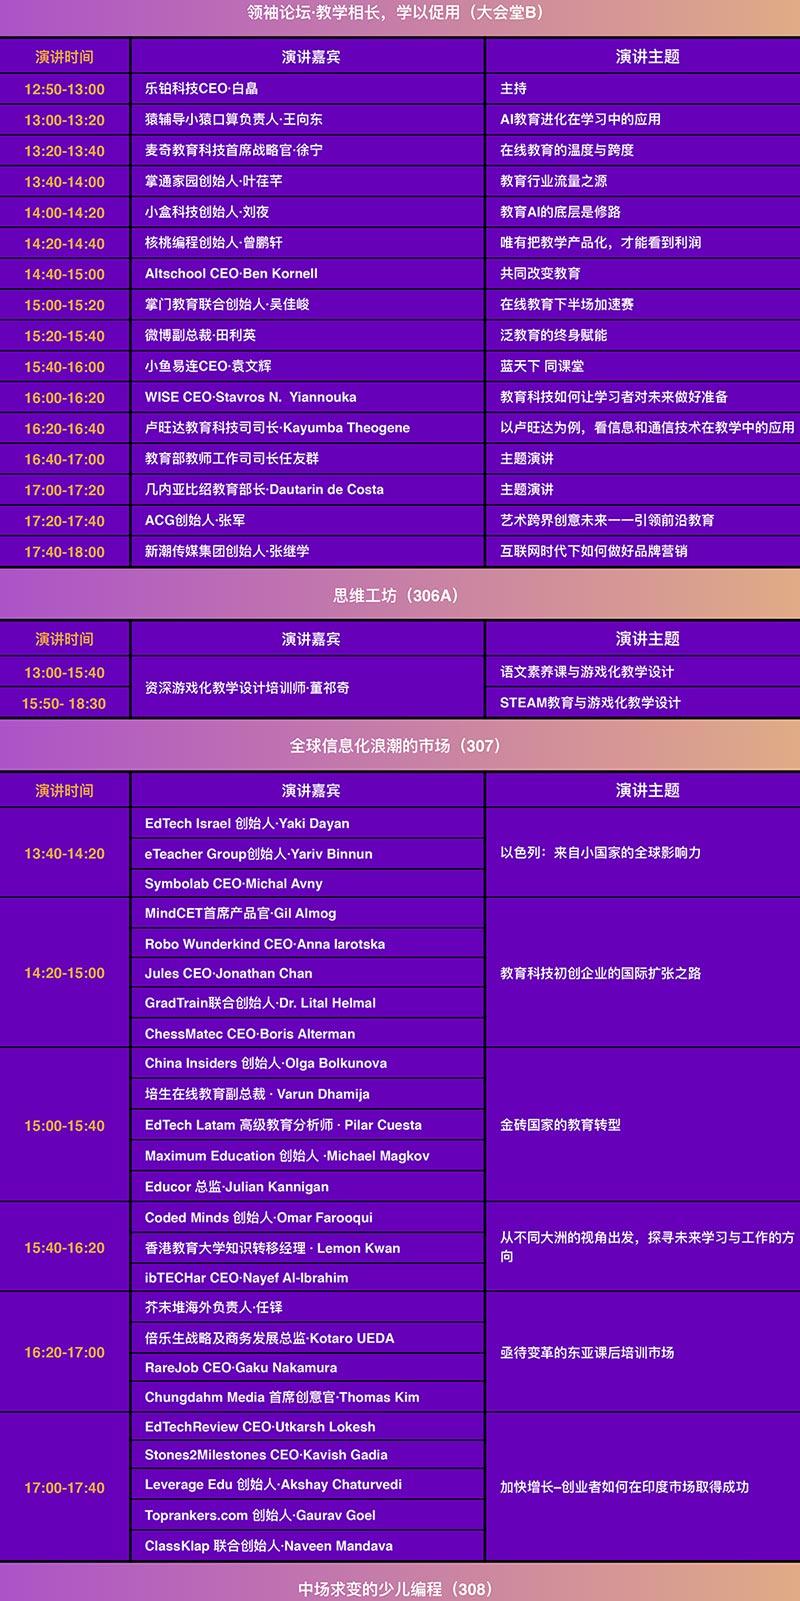 GET2019教育科技大會 教育消費博覽會 議程